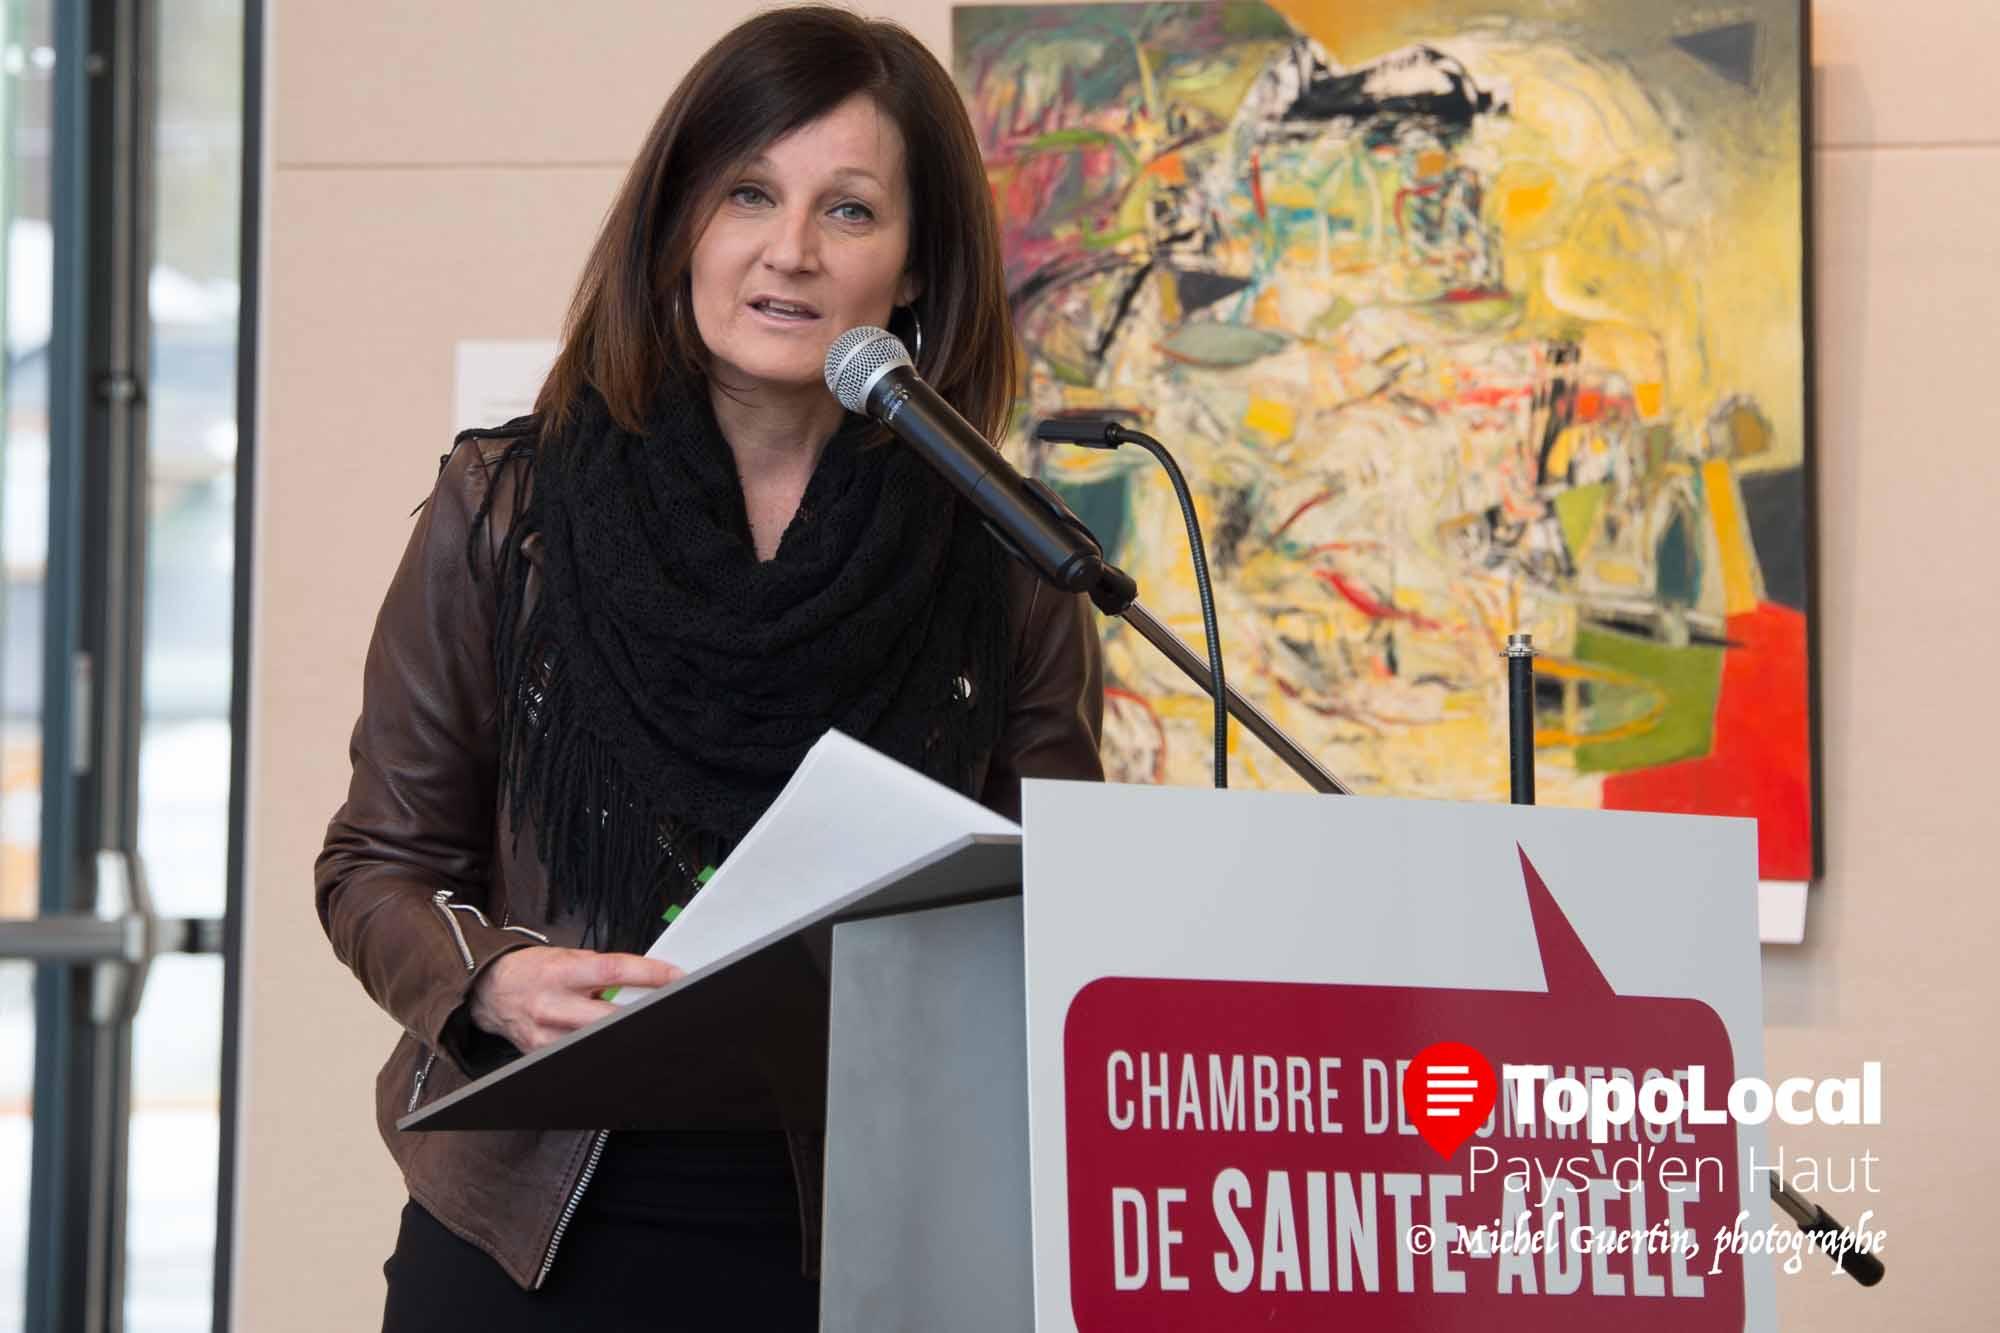 C'est Lise Guay du bureau compatble Amyot Gélinas qui a fait la présentation des états financiers. Ce même bureau a été reconduit comme vérificateur de la hambre pour les prochaines années.